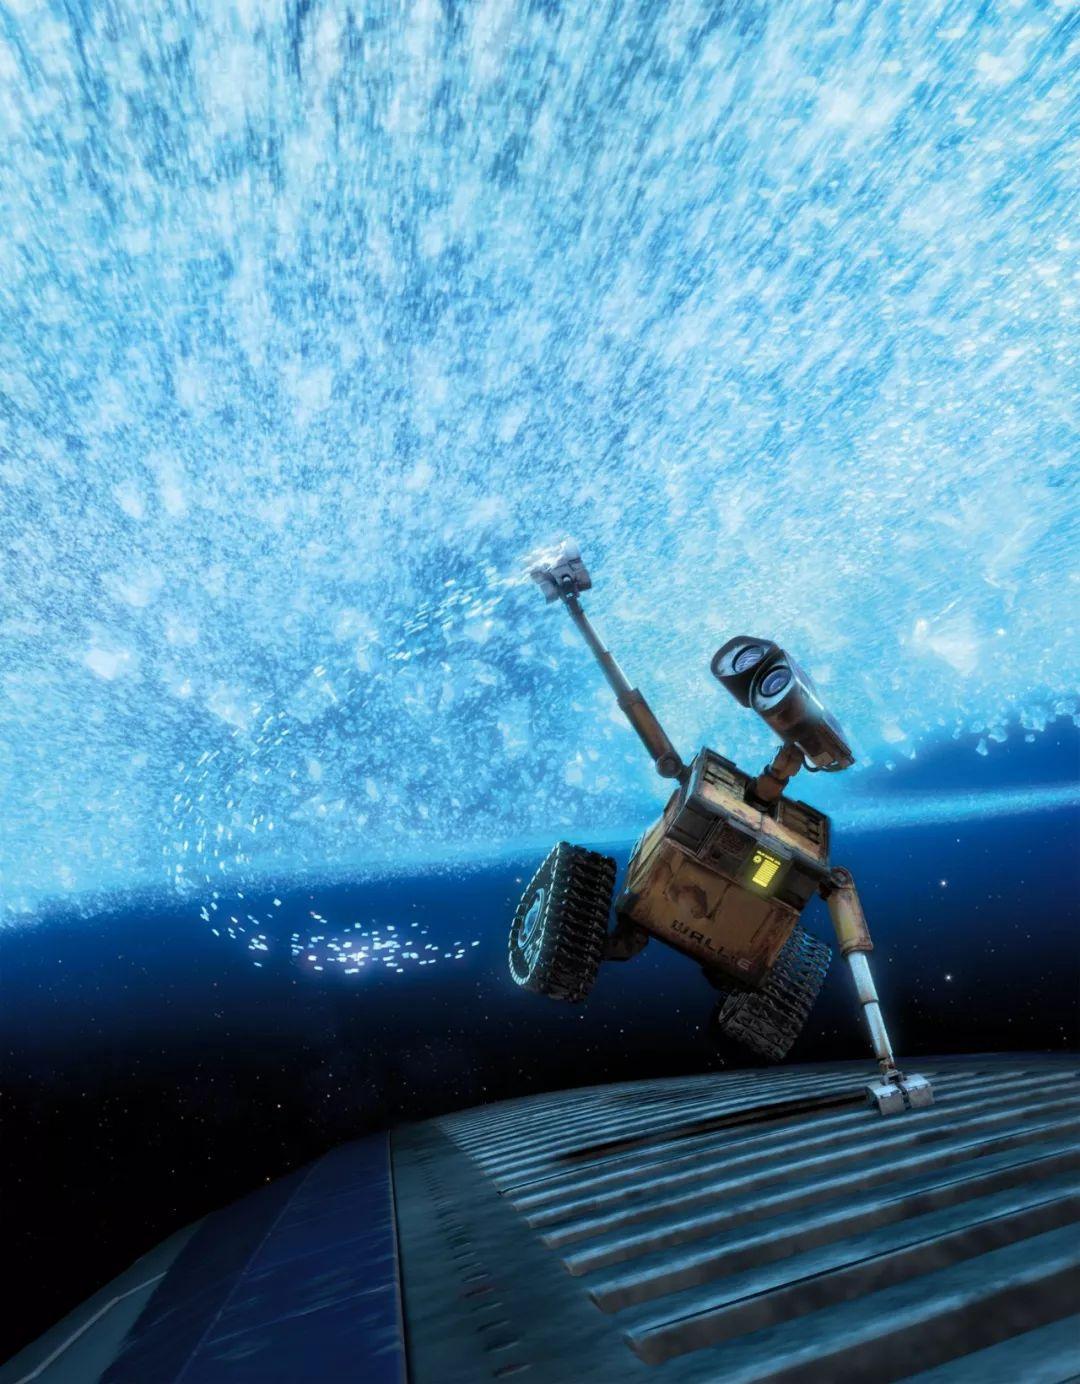 《机器人总动员》的主角机器人瓦力